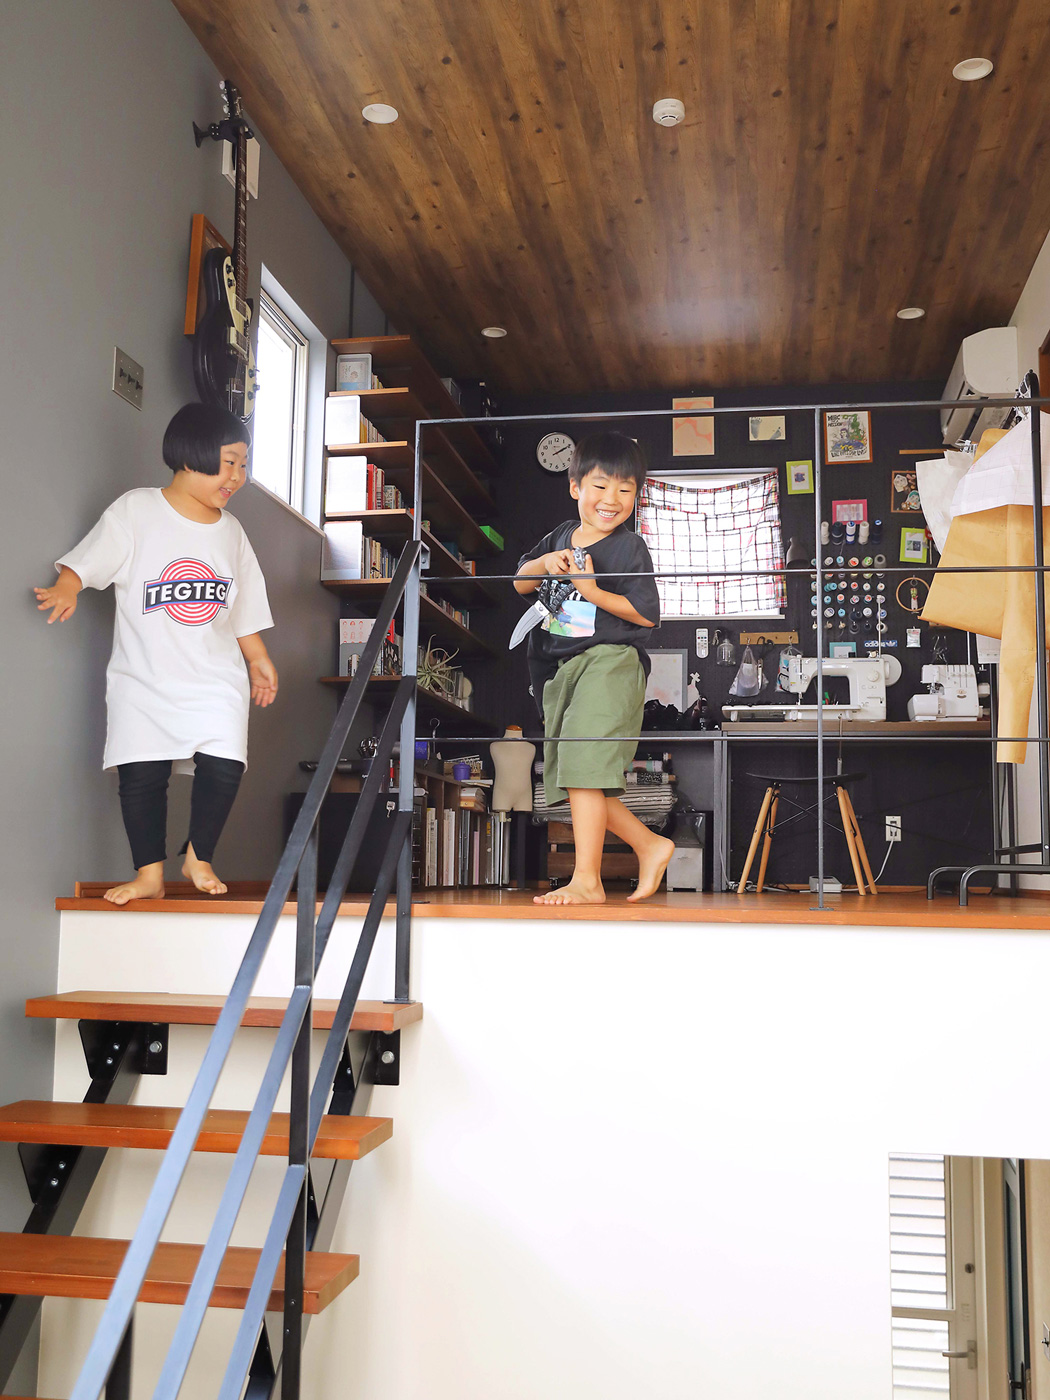 階段の上をオープンスペースにすることで、開放的な空間に。